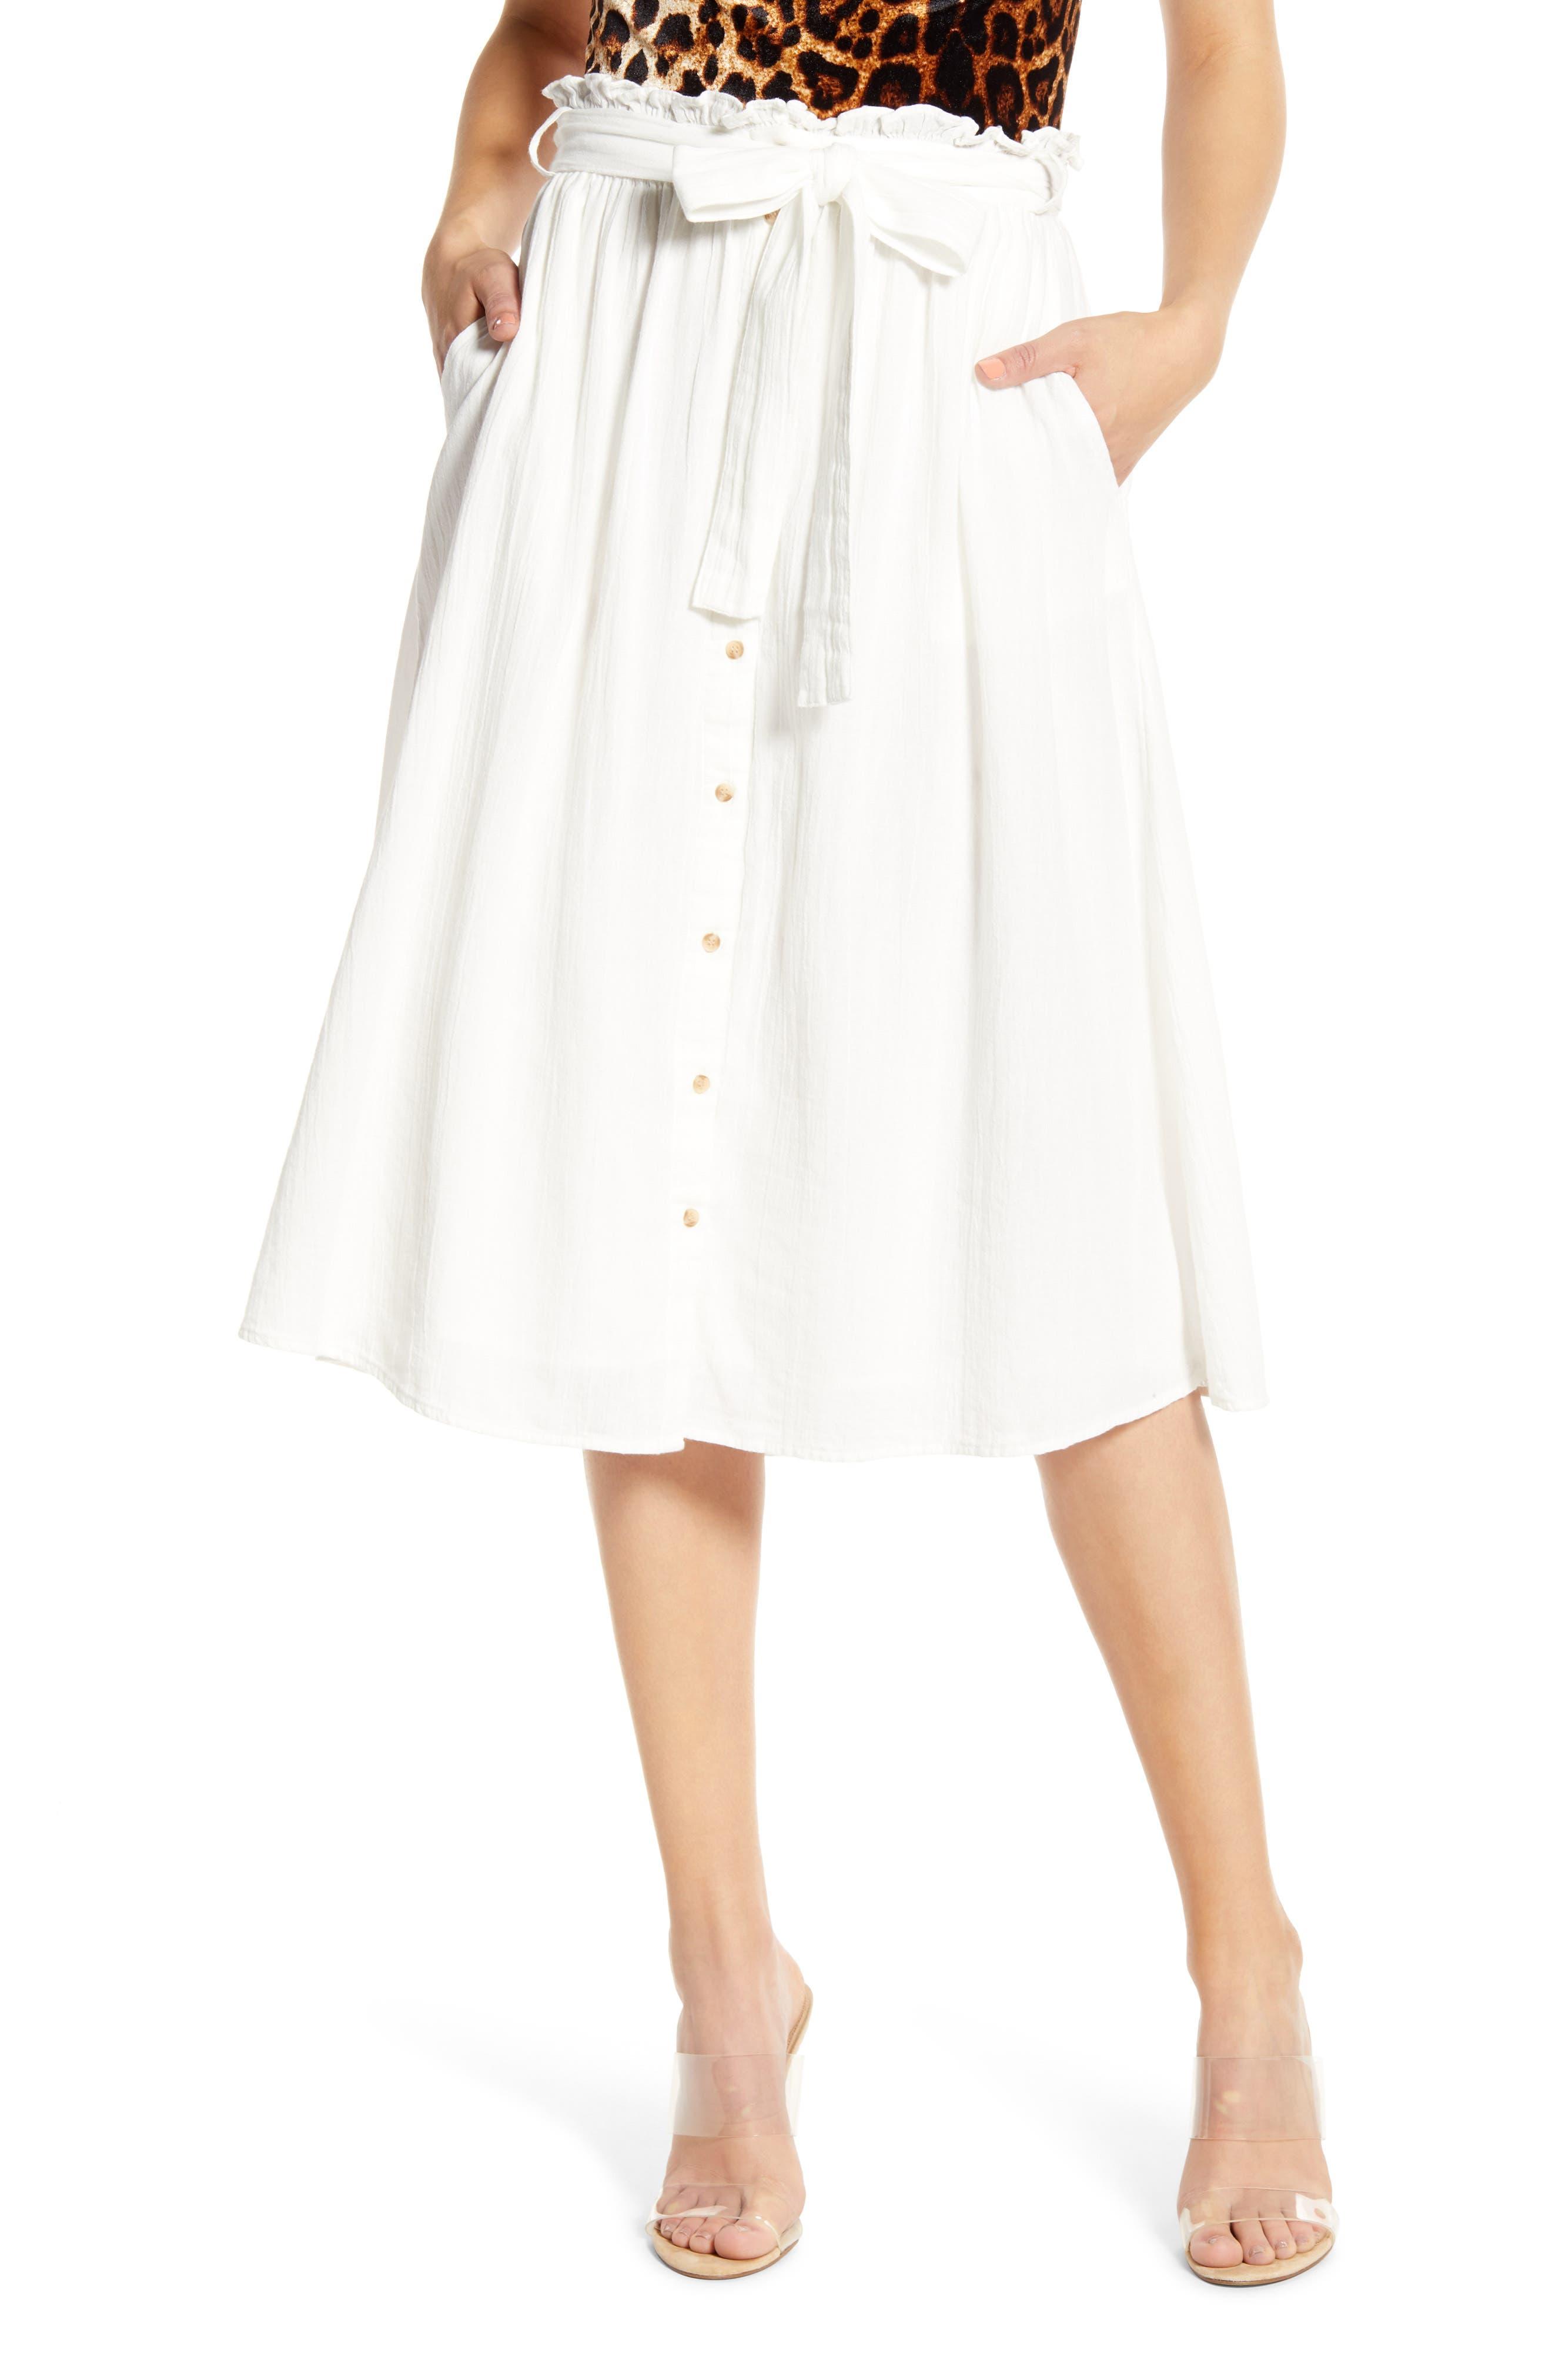 Vero Moda Sammi Tie Waist Cotton Midi Skirt, White